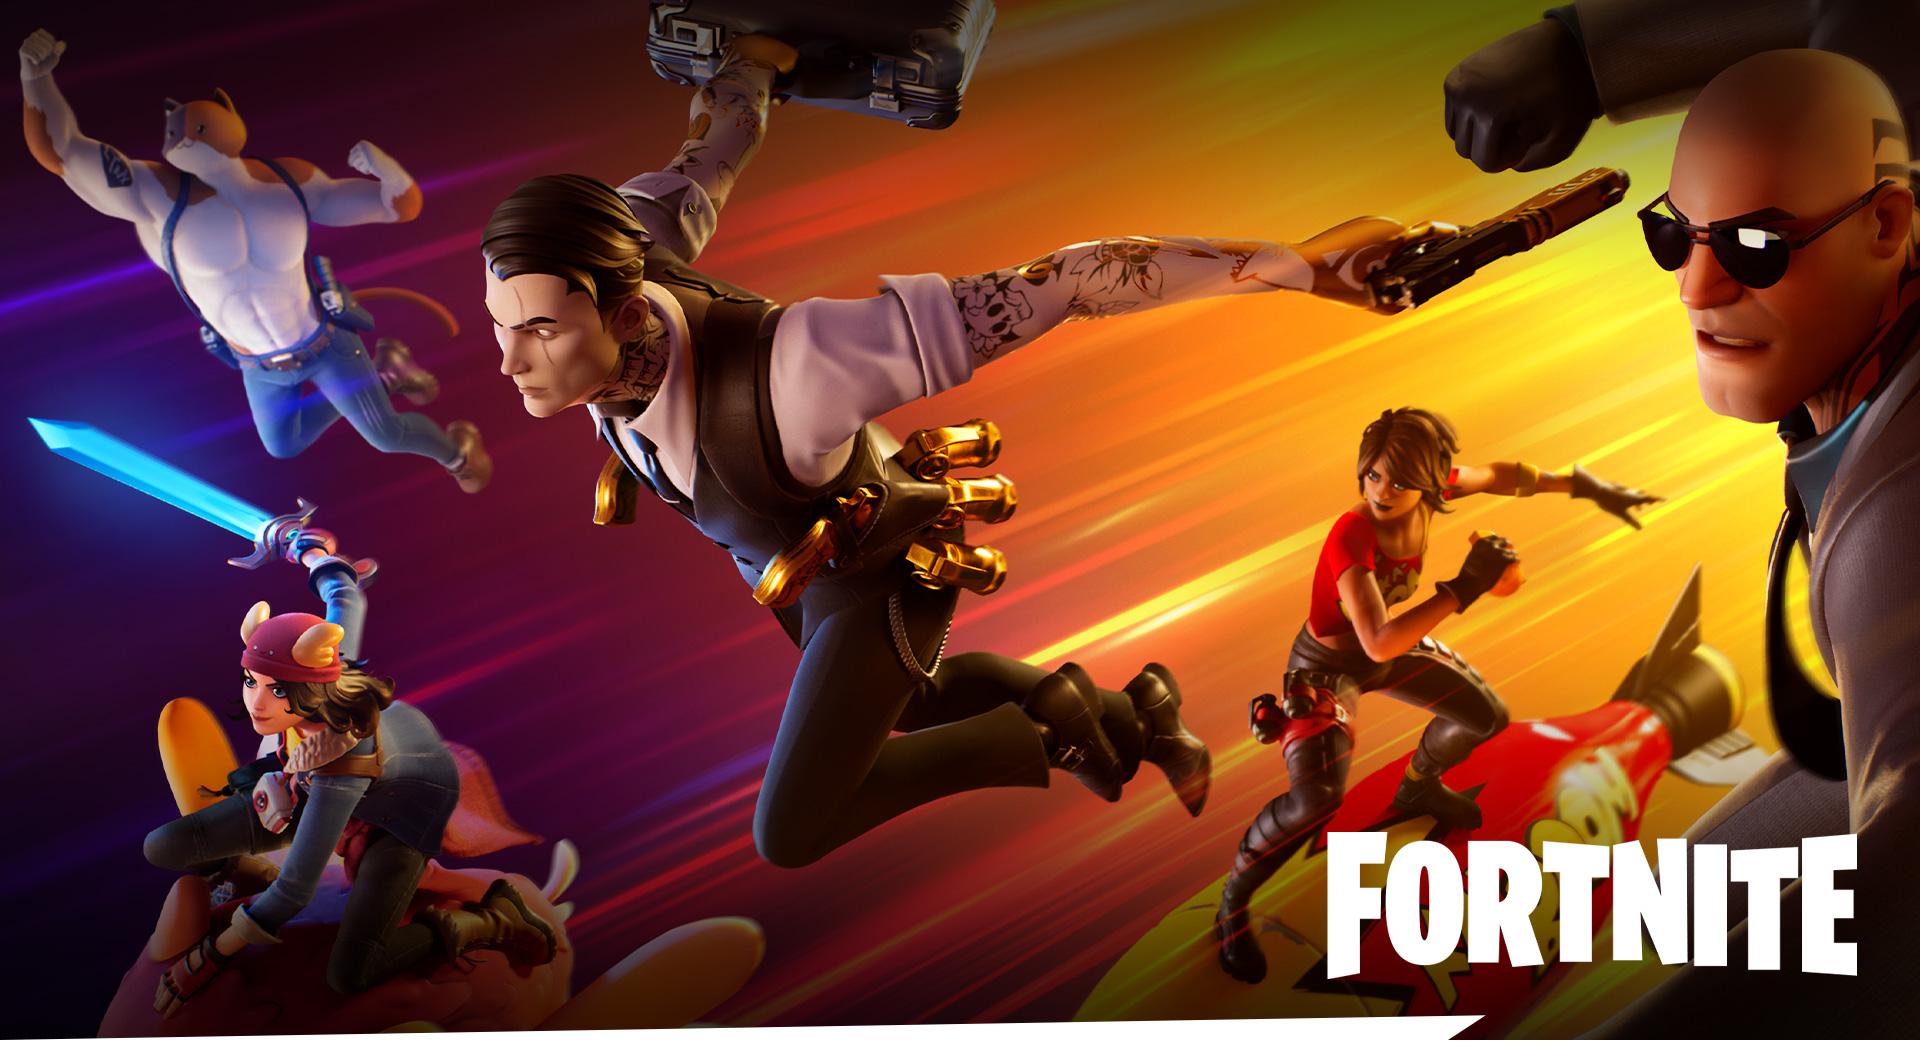 Fortnite, een cast van personages vliegt door de lucht, klaar voor de strijd.